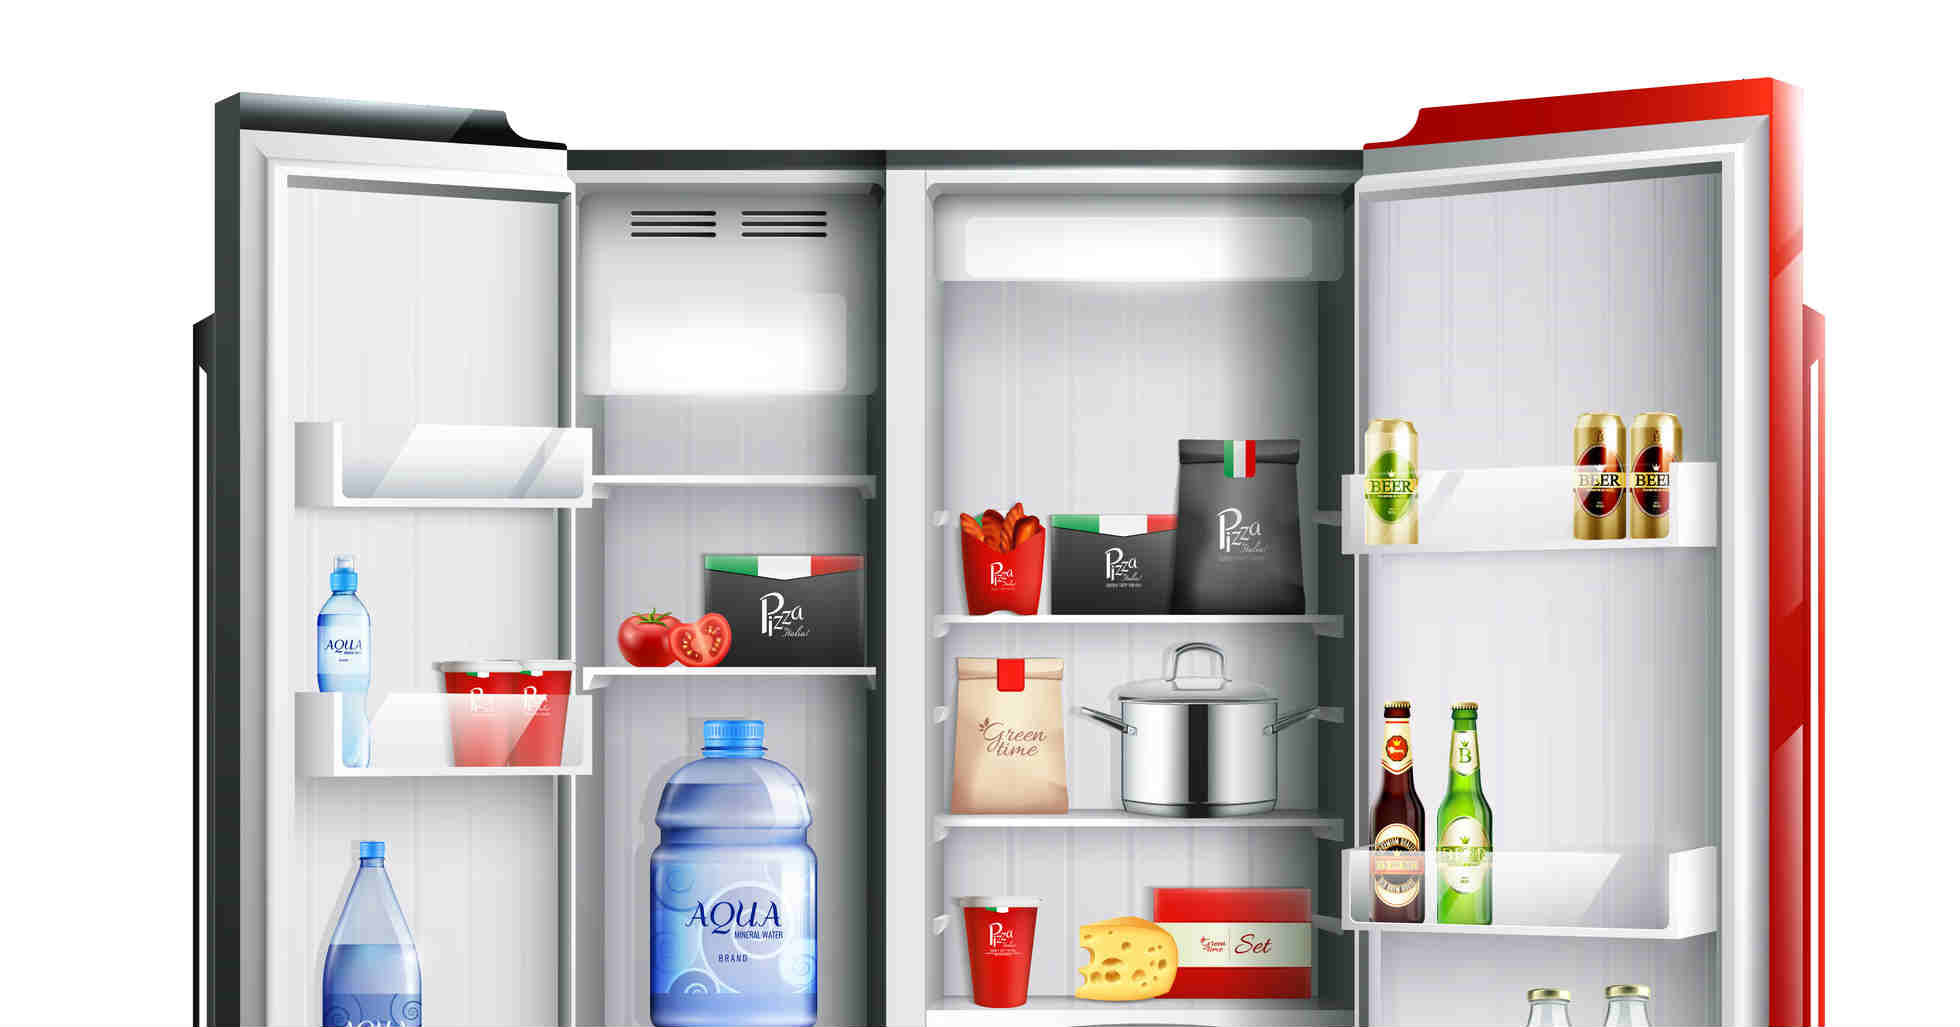 冷蔵庫で400lの容量のものを選ぶ際のコツとメーカーごとの特徴